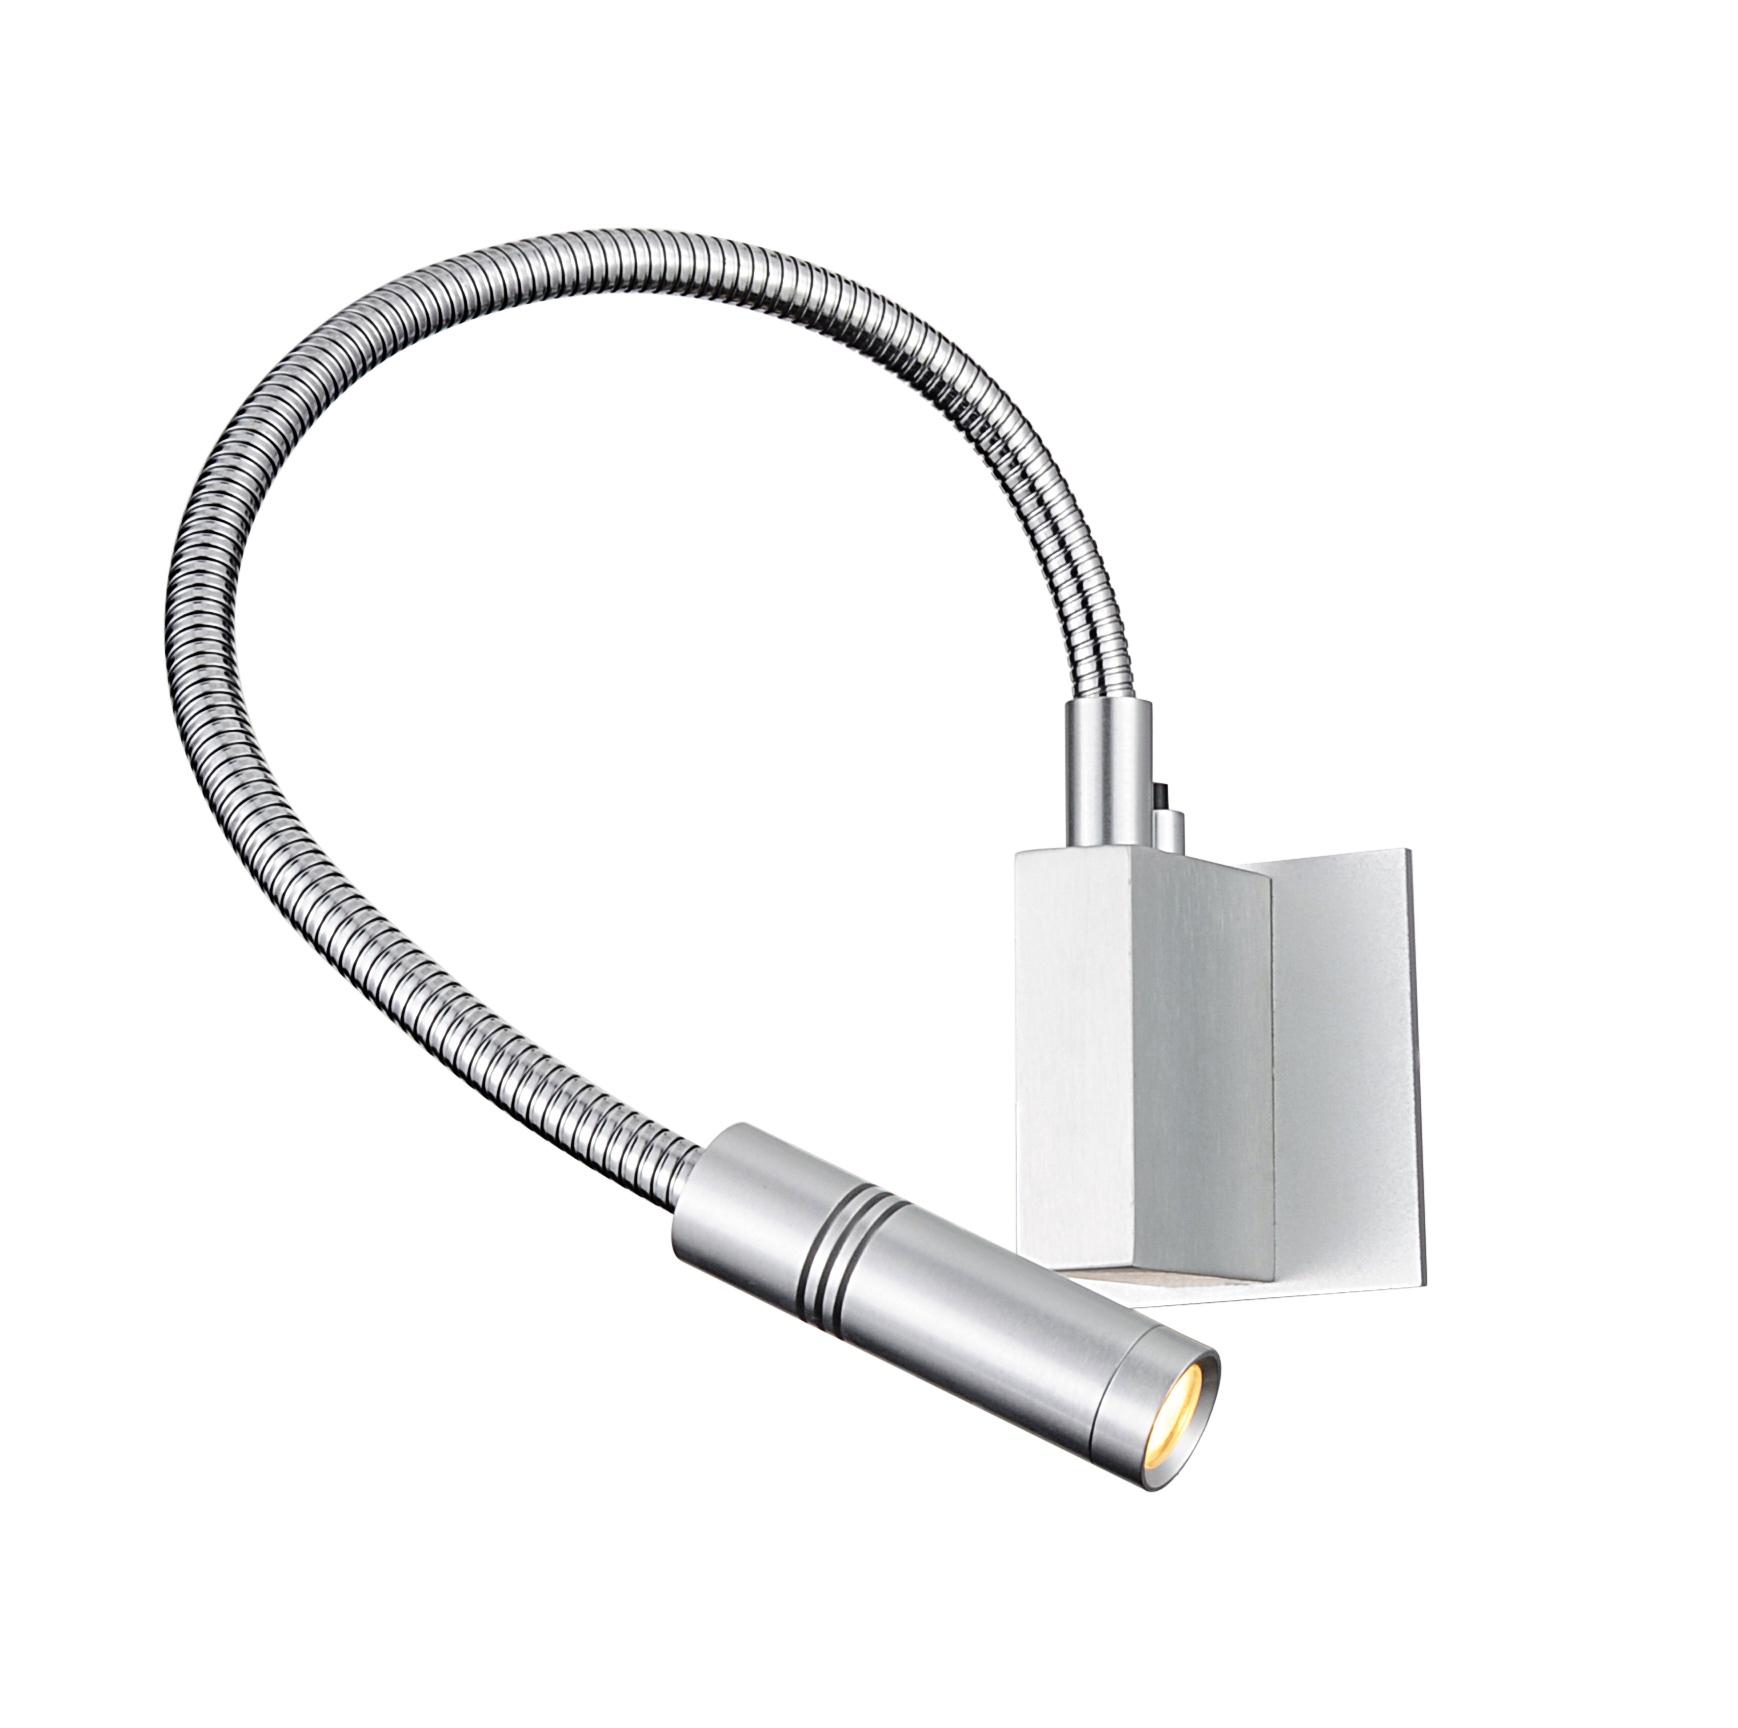 Lampenlux LED Bettlampe Pia Schwanenhals Wandlampe Leseleuchte Leselampe Schalter Nickel